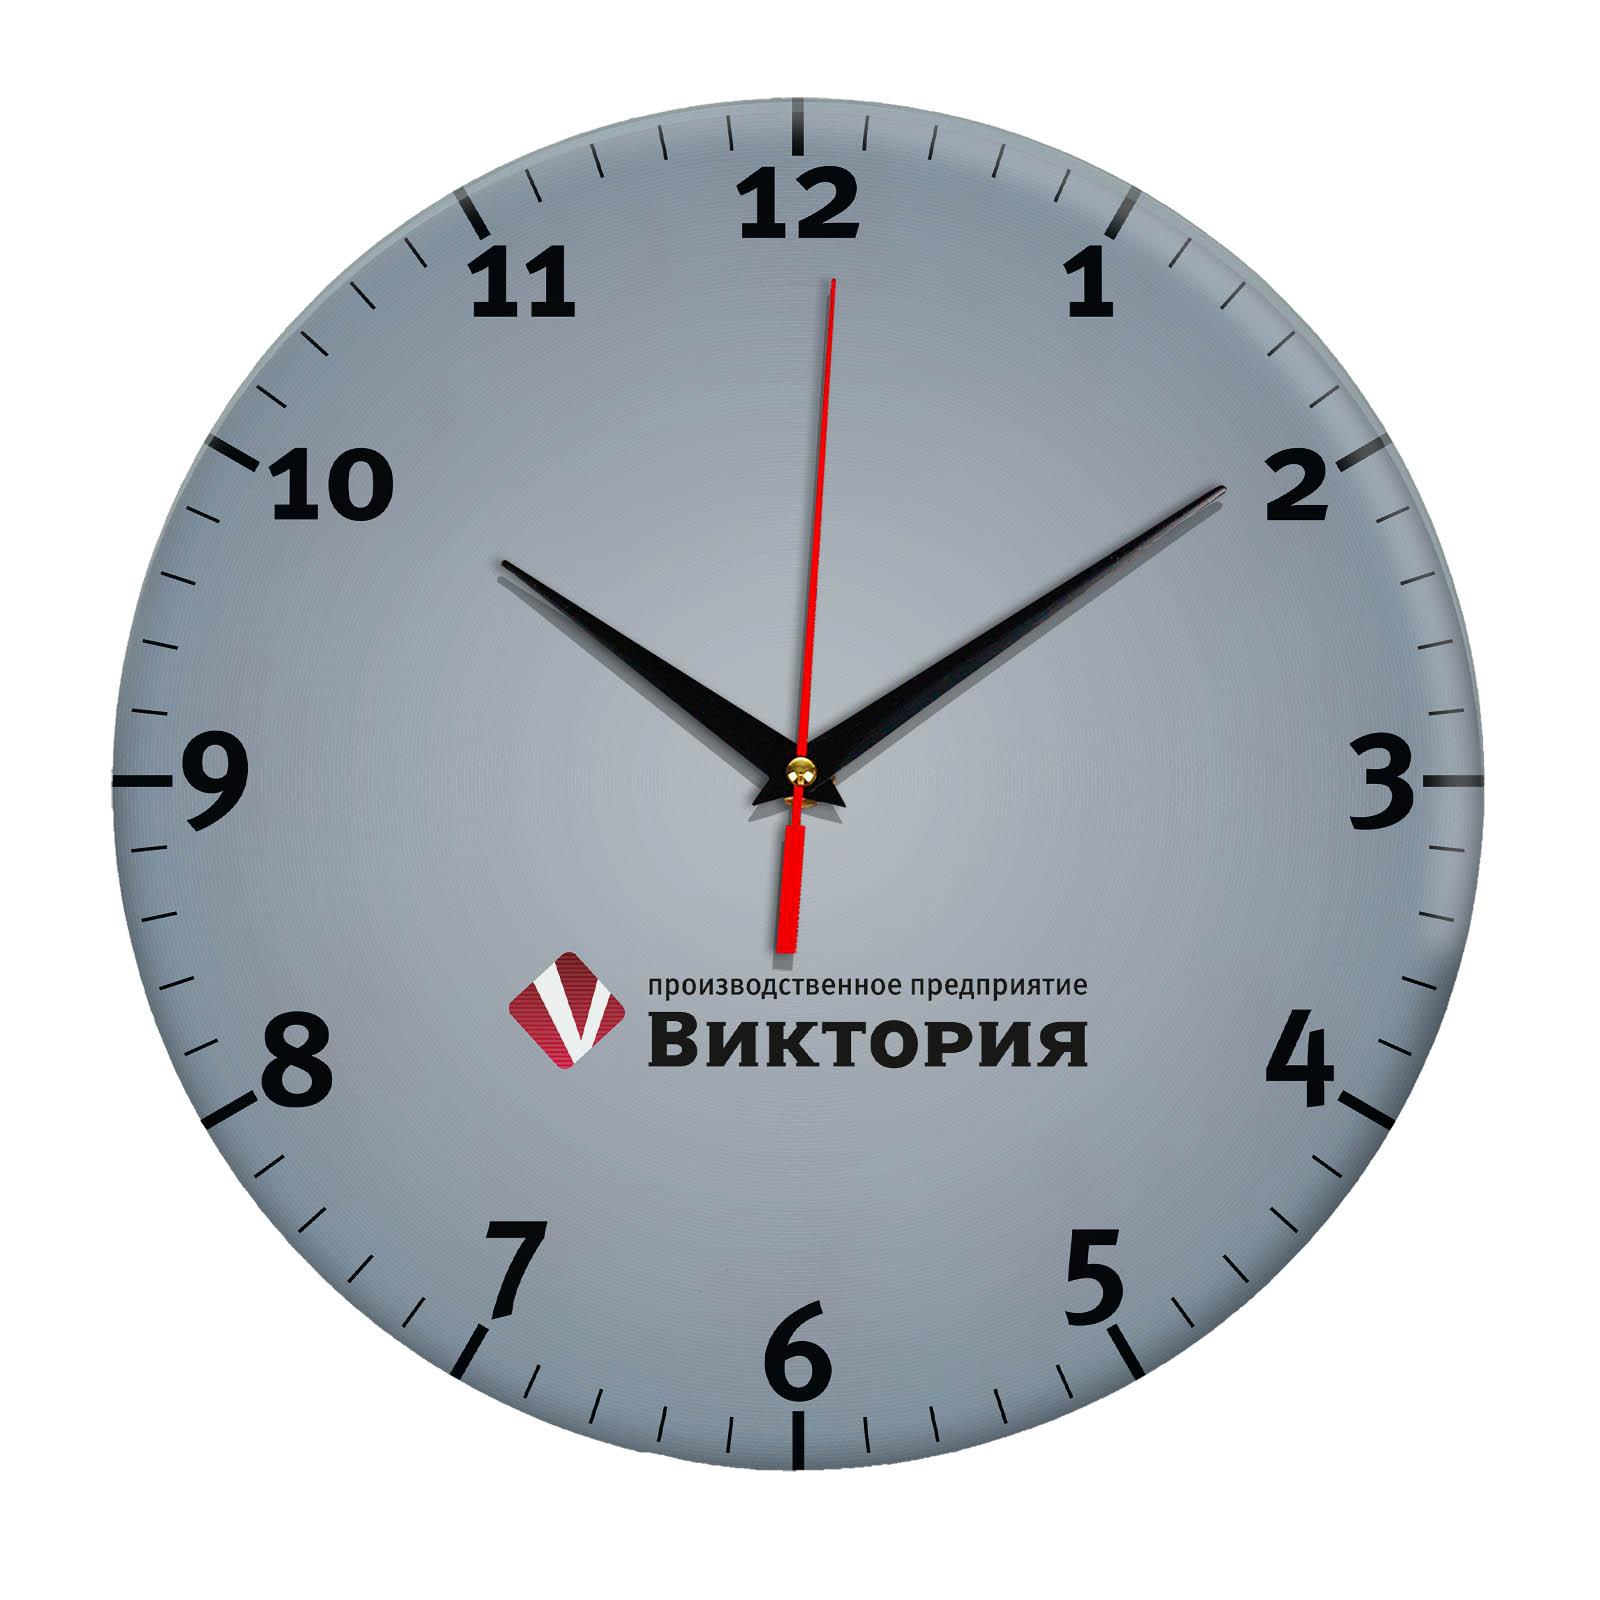 Настенные часы «viktor»